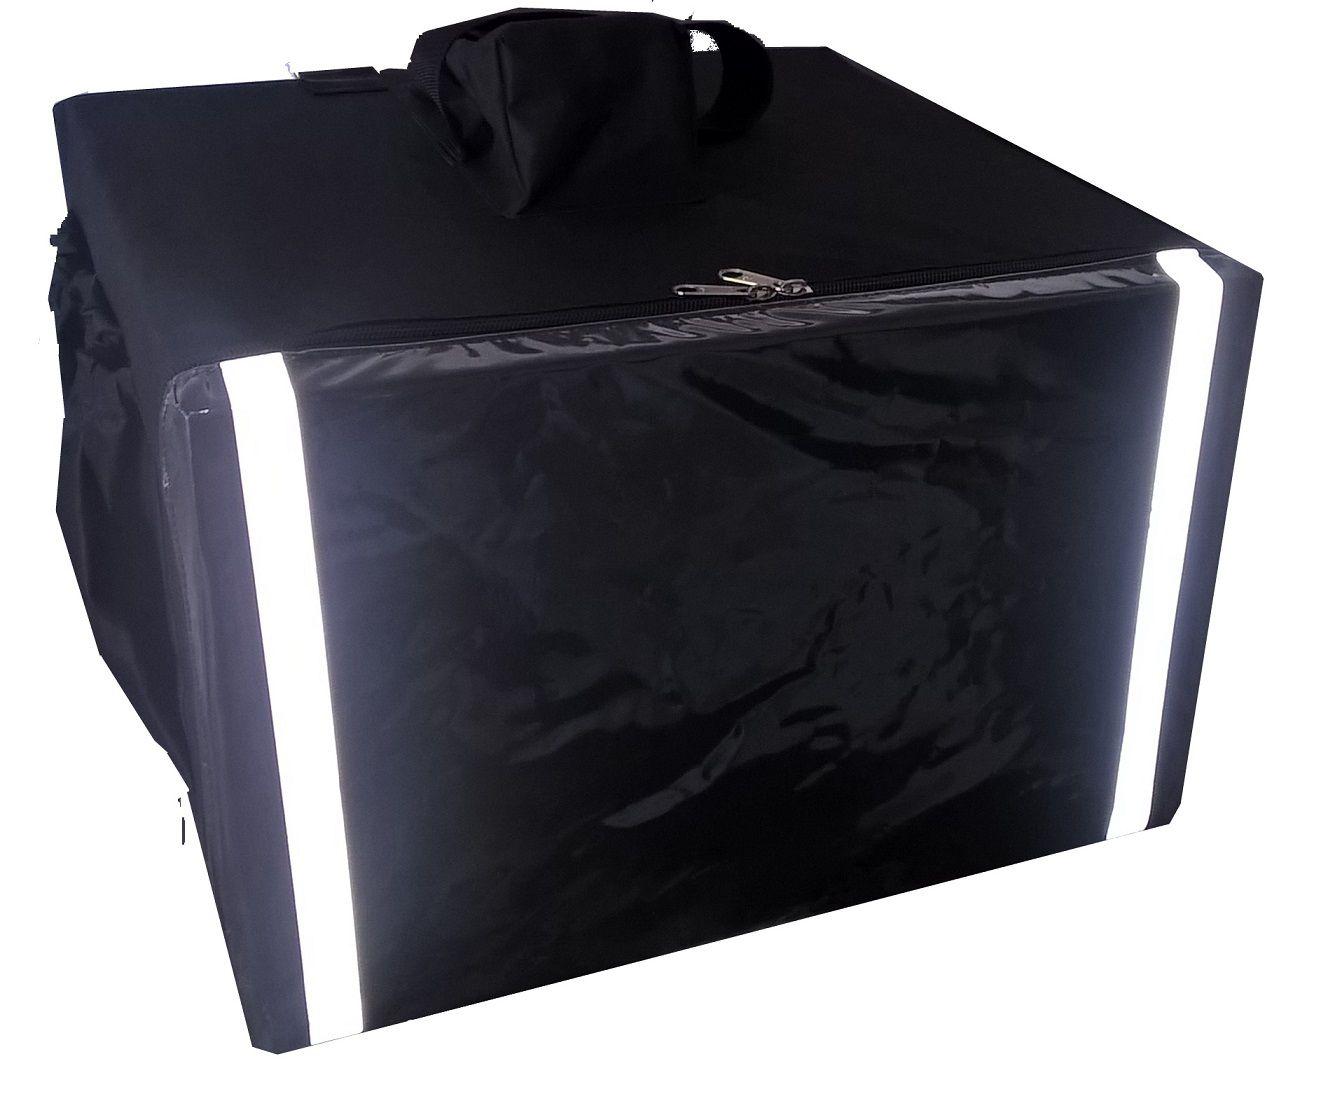 Bolsa Mochila Pizza Motoboy 4 Divisórias Alumínio 40cm 3dval (para caixas de pizza com até 40cm por fora)  - GuerreiroOnline